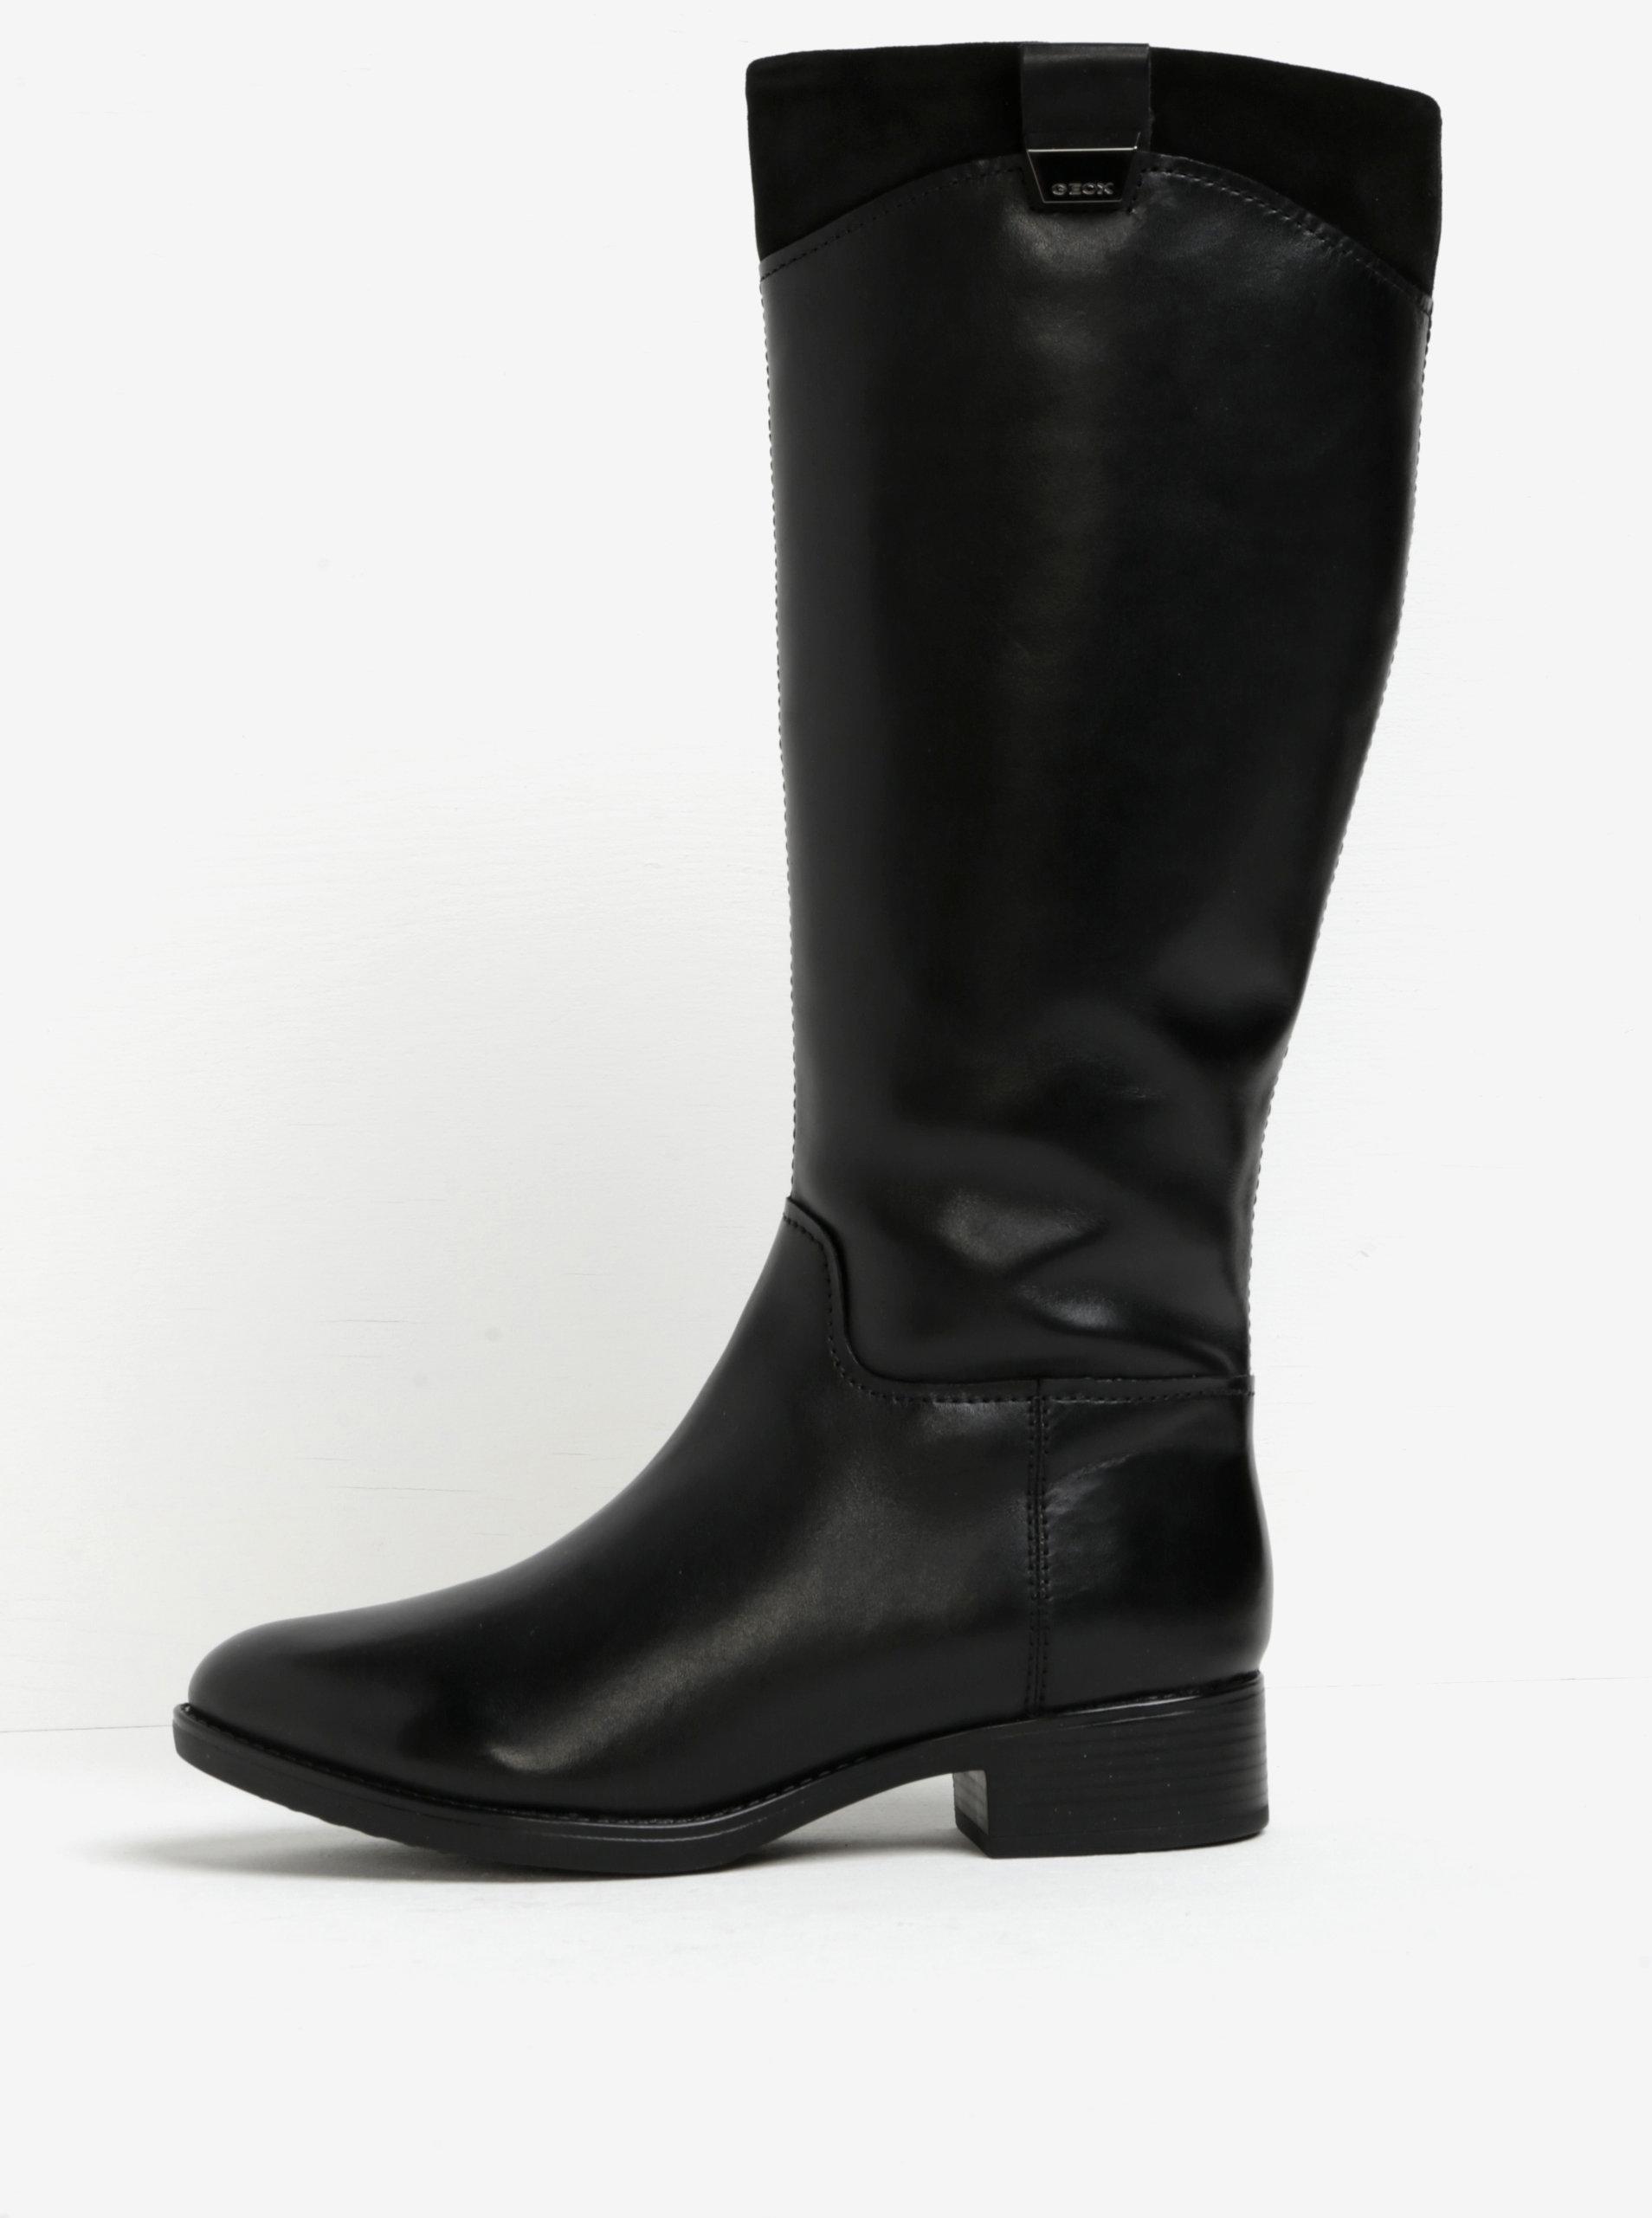 Čierne kožené zateplené čižmy Geox Felicity ... 29b0c4f442e